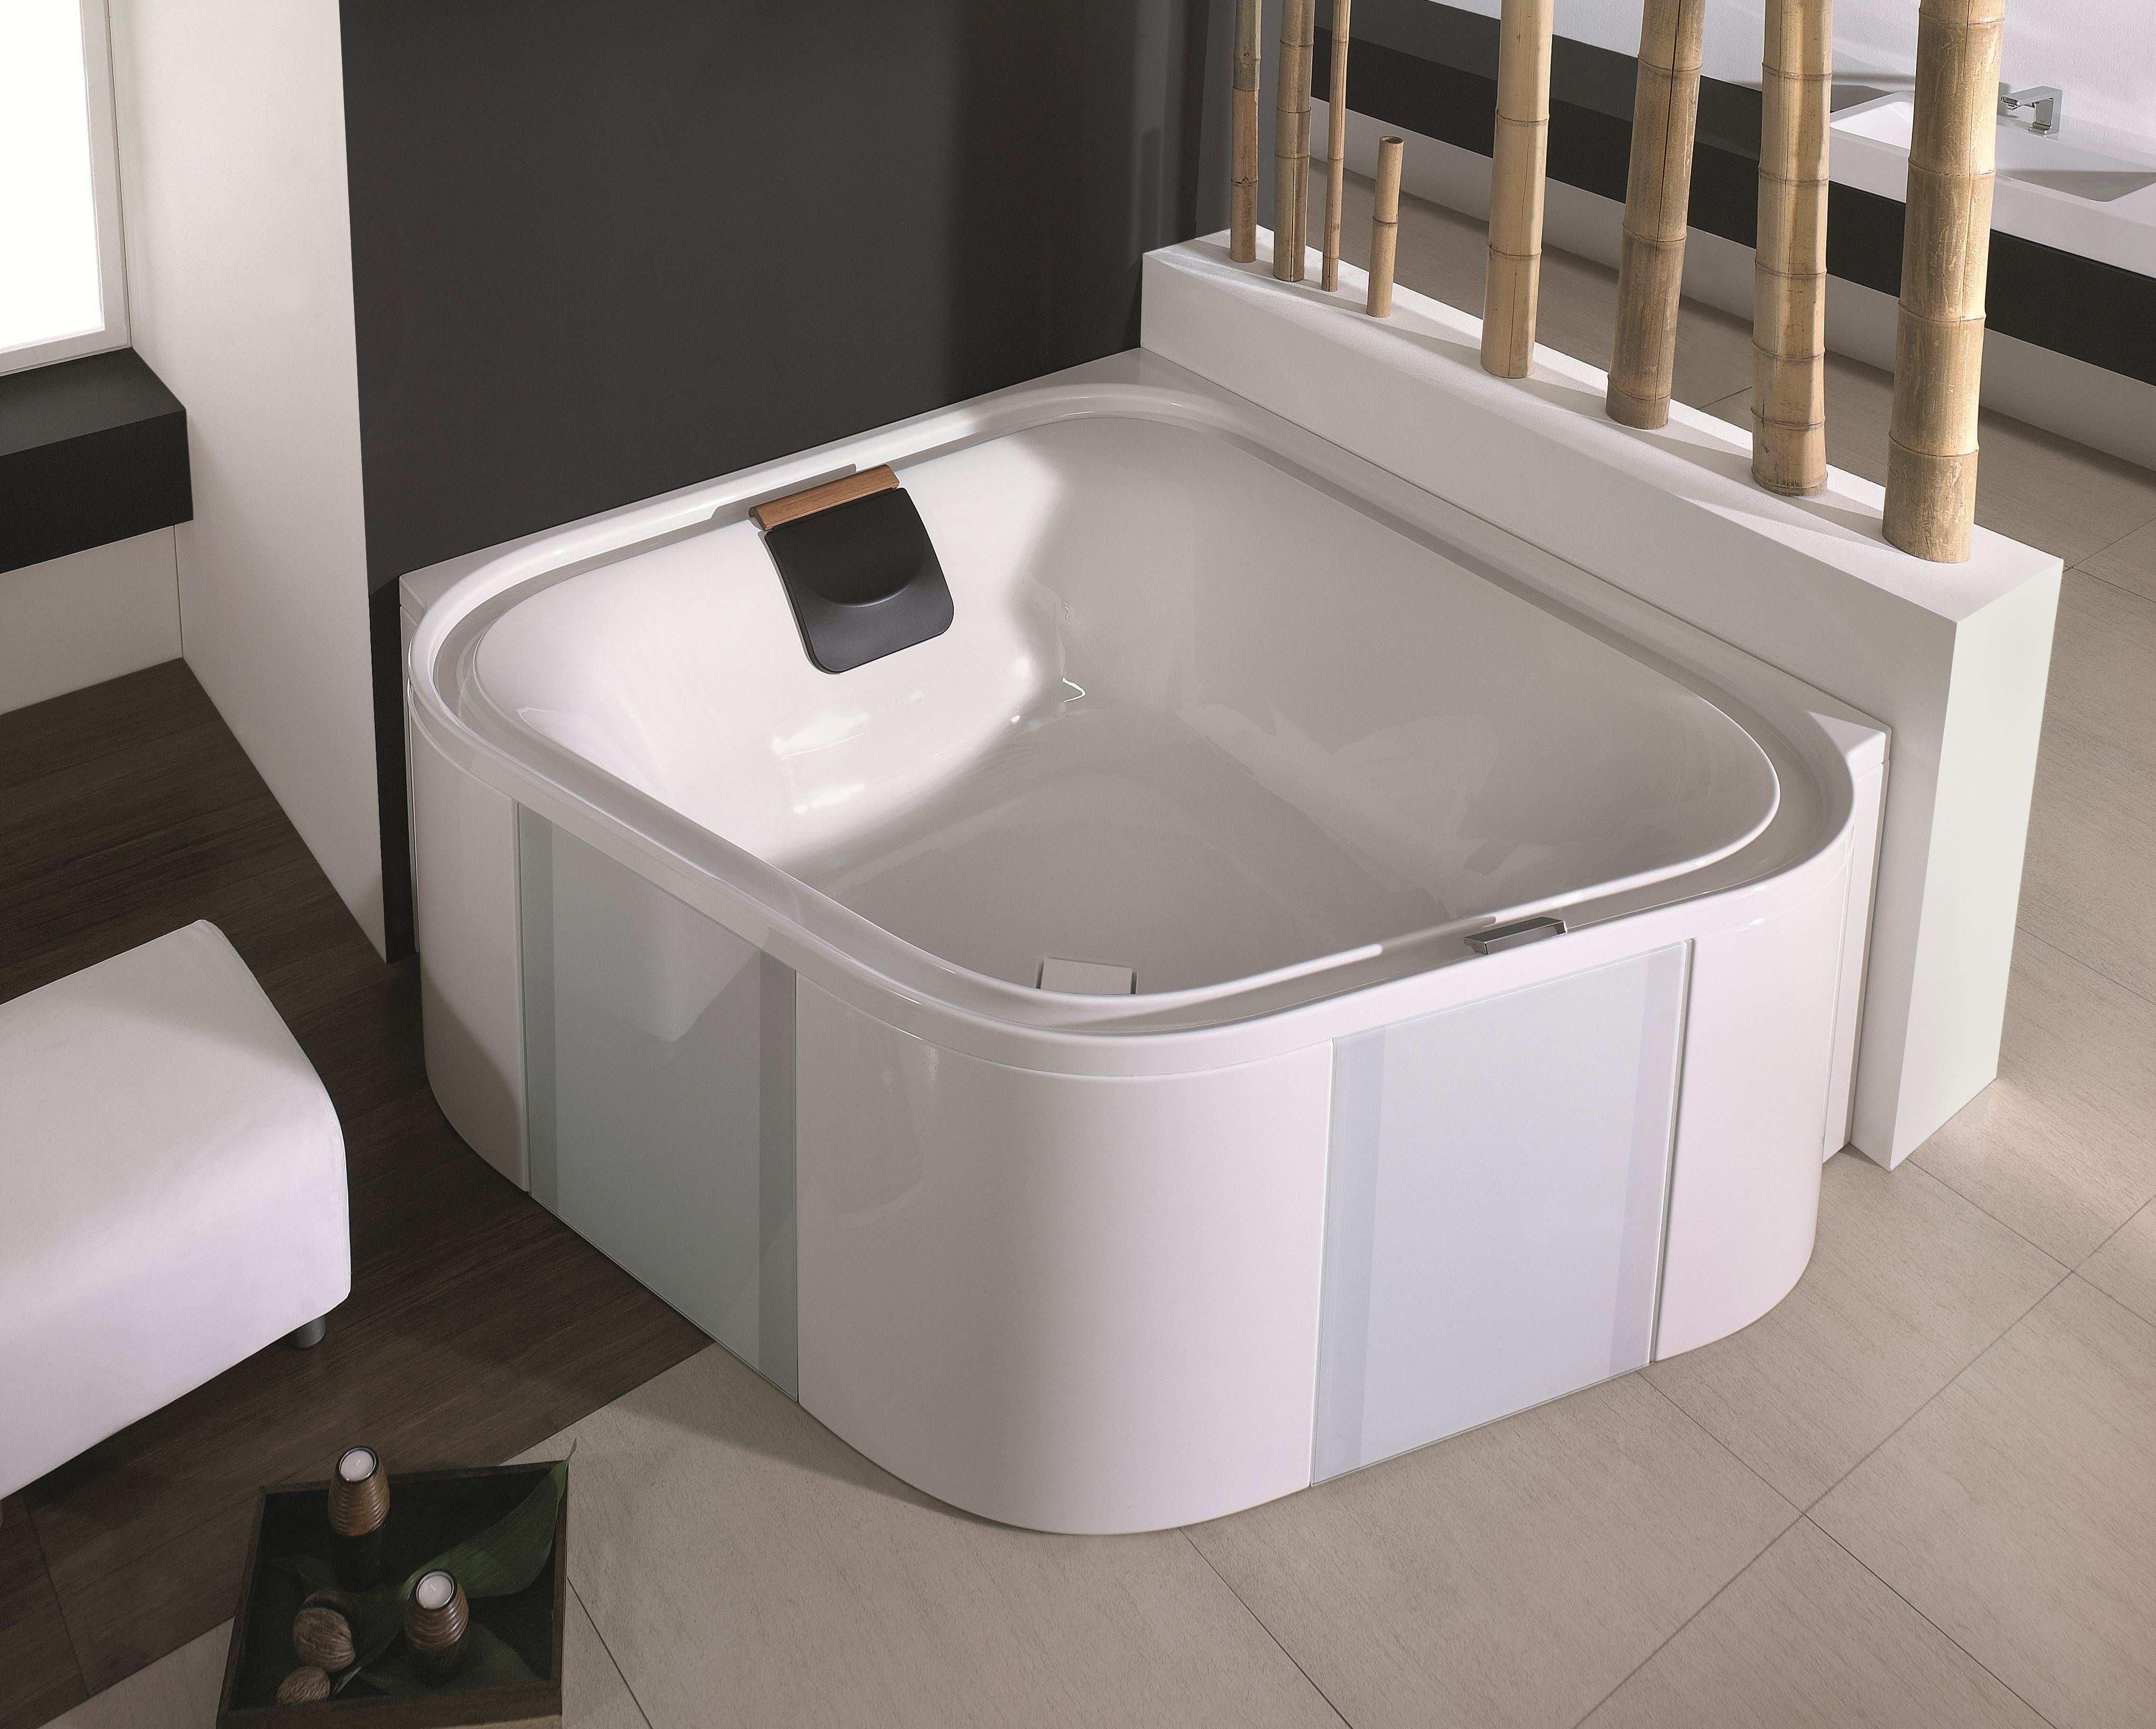 hoesch ergo freistehende eckbadewanne 1640 mm wei verchromt mit au enverkleidung silber 6443. Black Bedroom Furniture Sets. Home Design Ideas